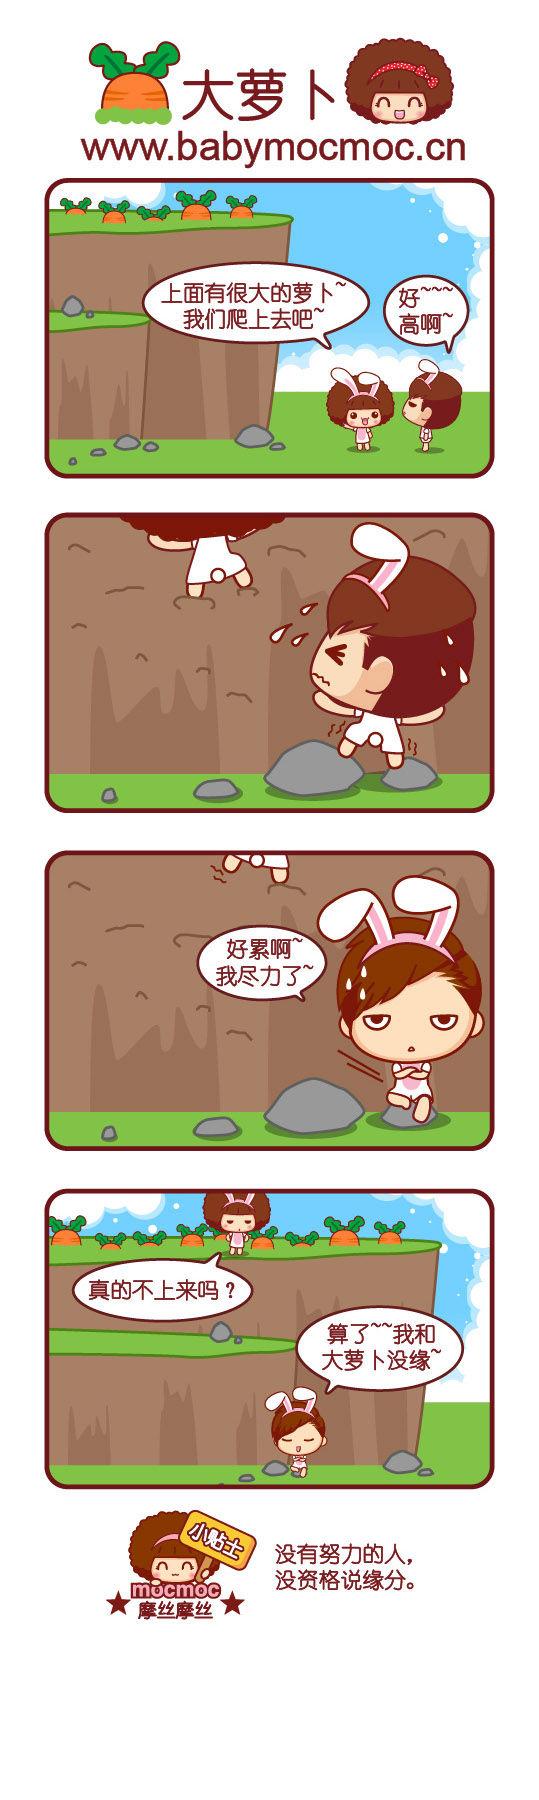 大萝卜-01.jpg